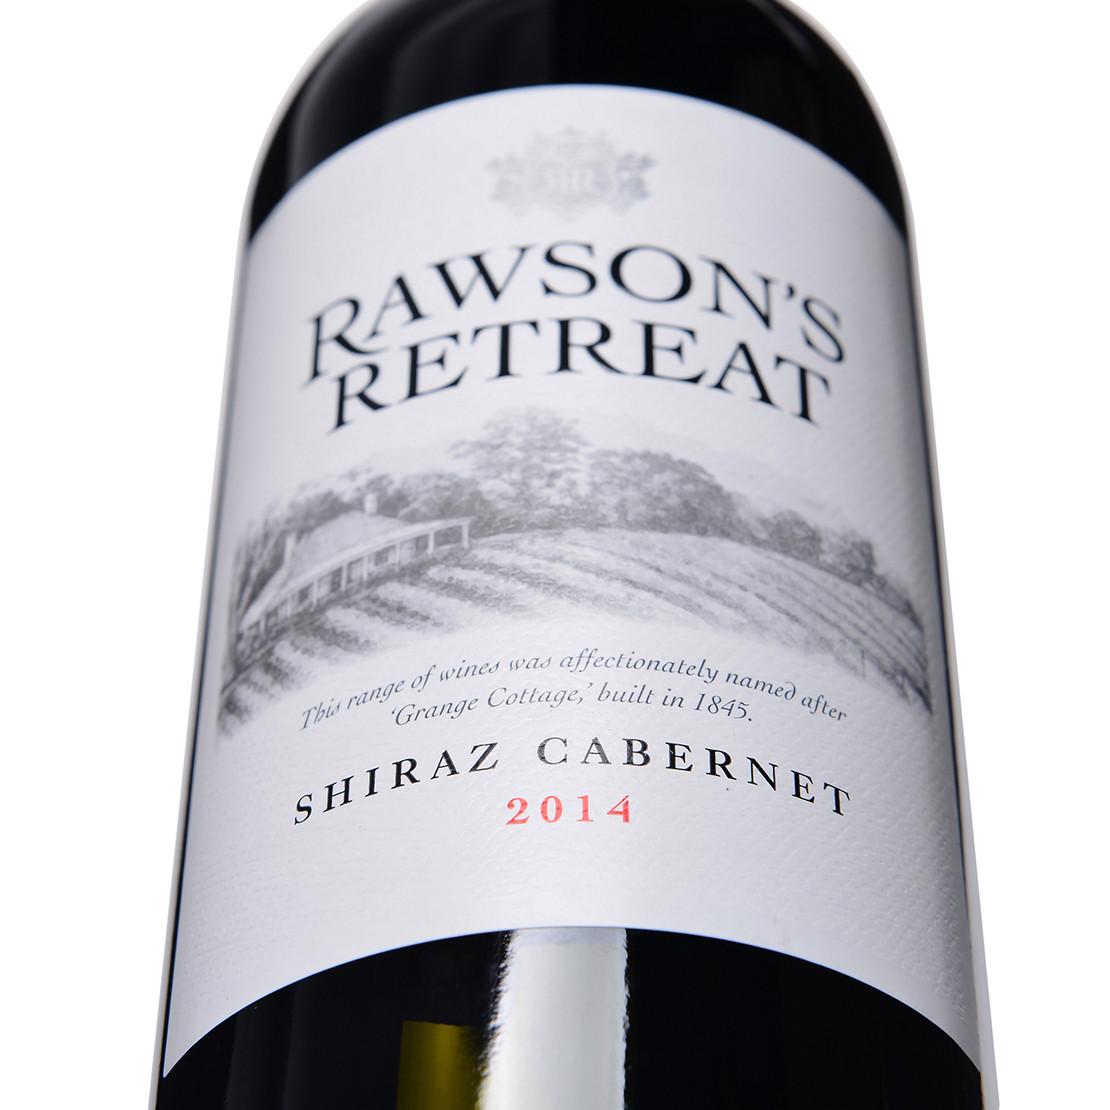 洛神山庄设拉子赤霞珠红葡萄酒2015Rawson''s Retreat Shiraz Cabernet 2015